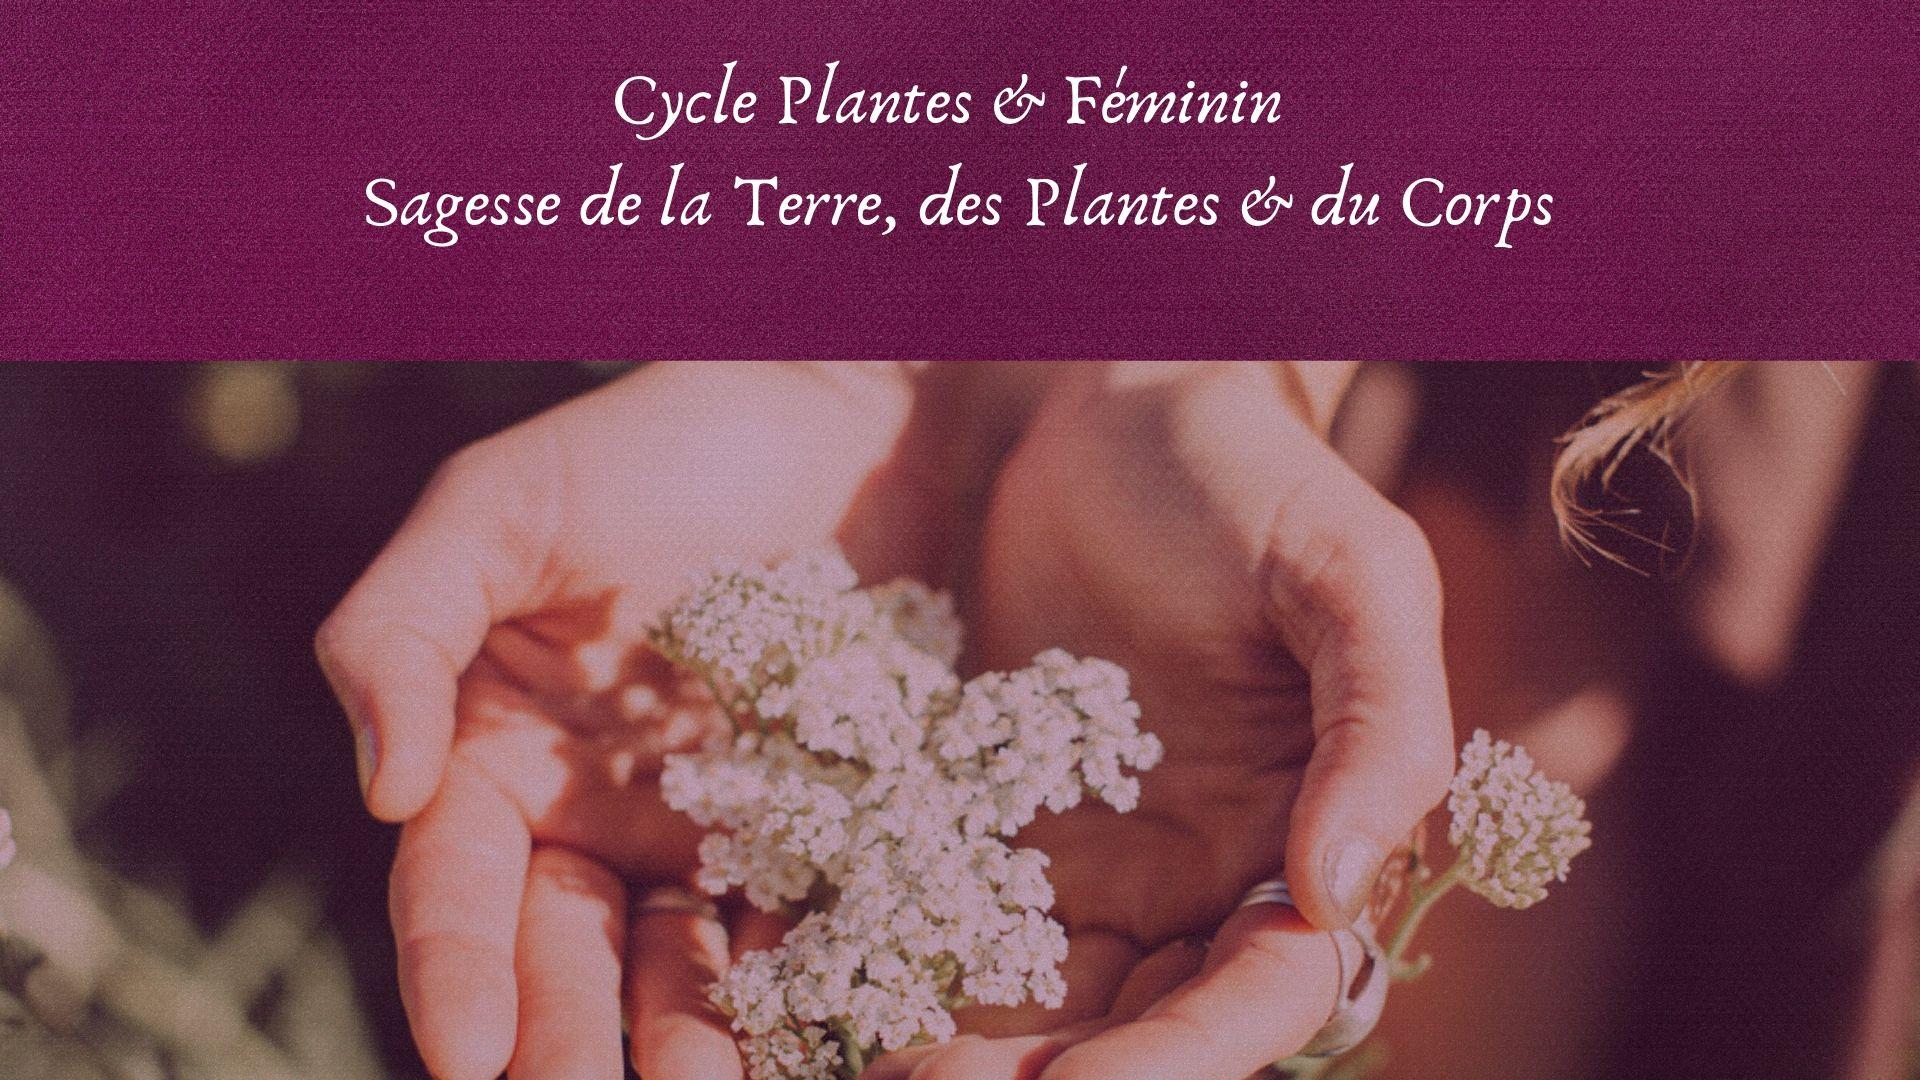 plantes médicinales féminin, cycle menstruel, santé hormonale holistique